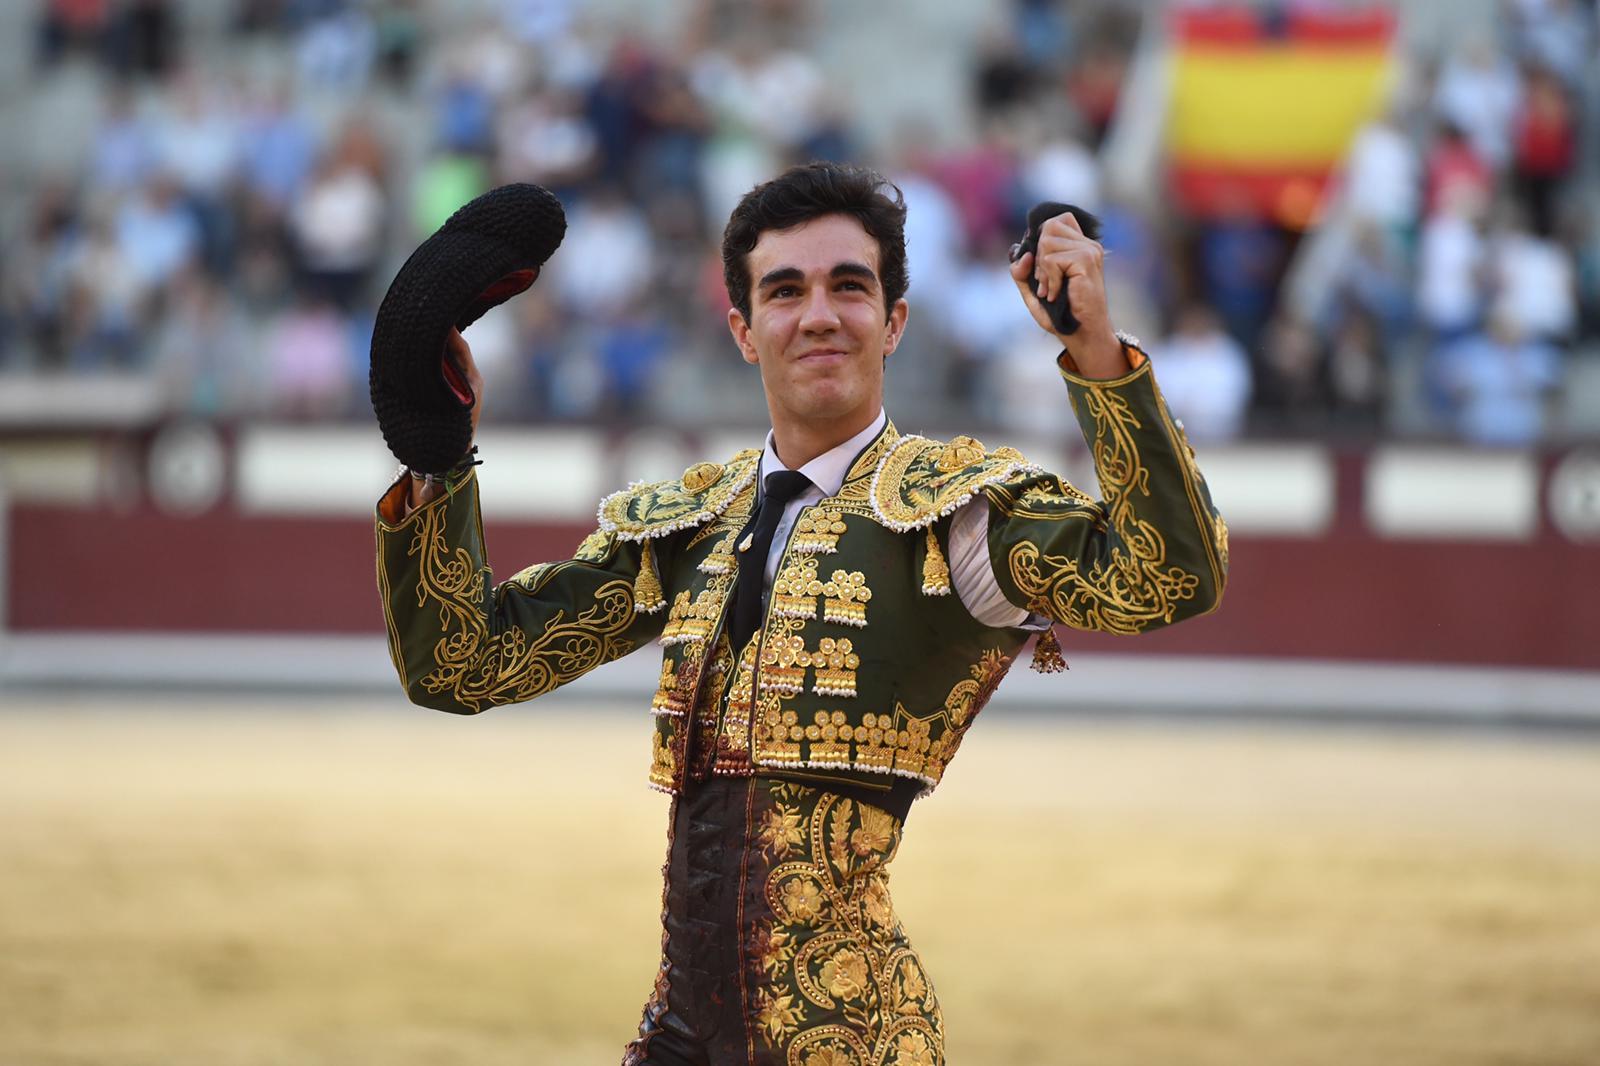 Madrid, viernes 27 de septiembre de 2019